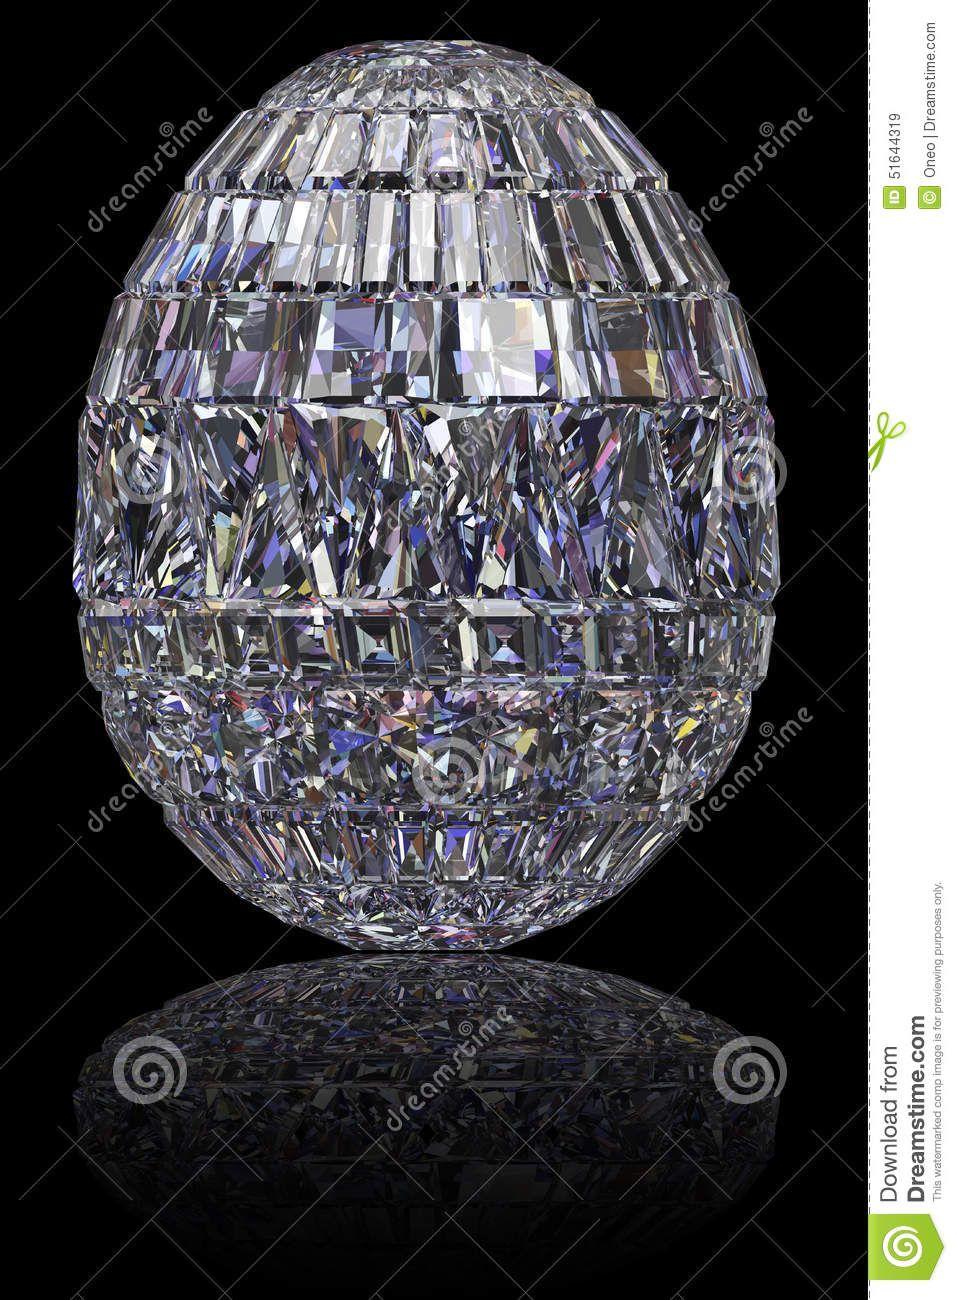 Huevo de Pascua transparente